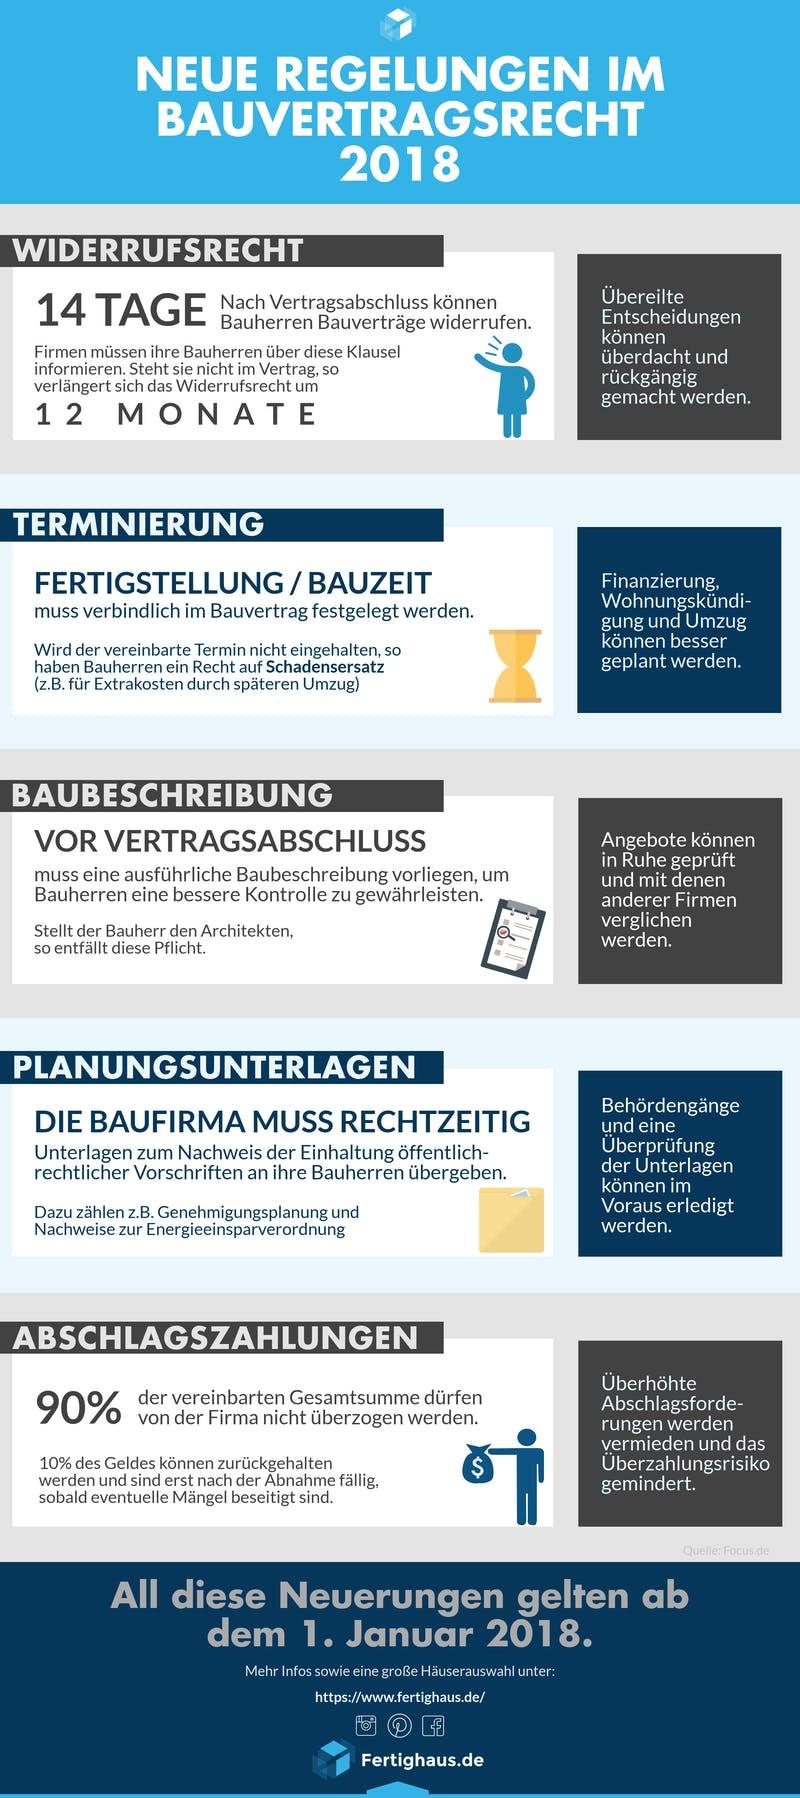 Infografik mit den Änderungen und Neuerungen des Bauvertragsrechts 2018